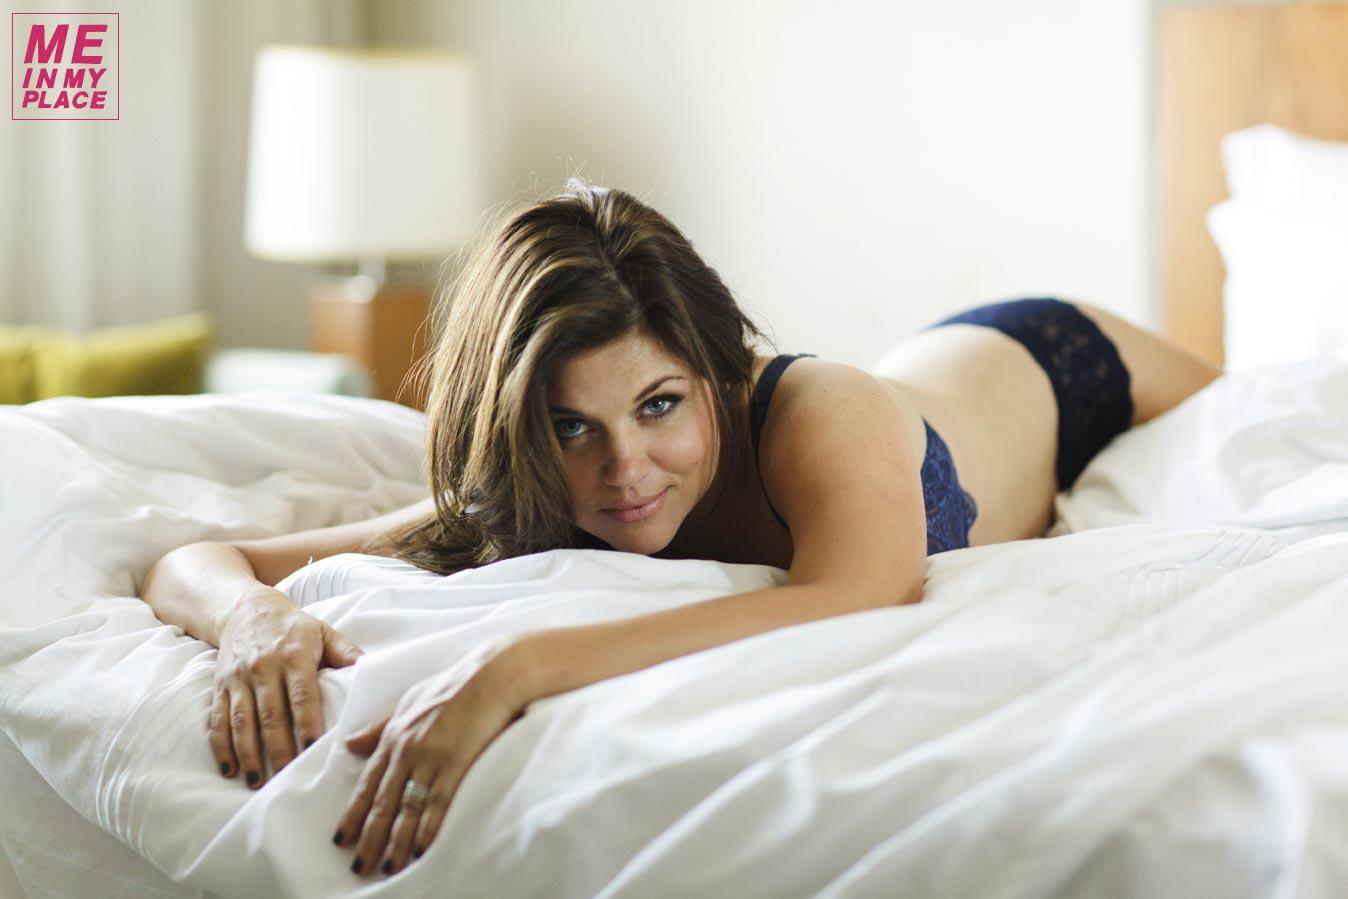 Amber porn tiffani thiessen